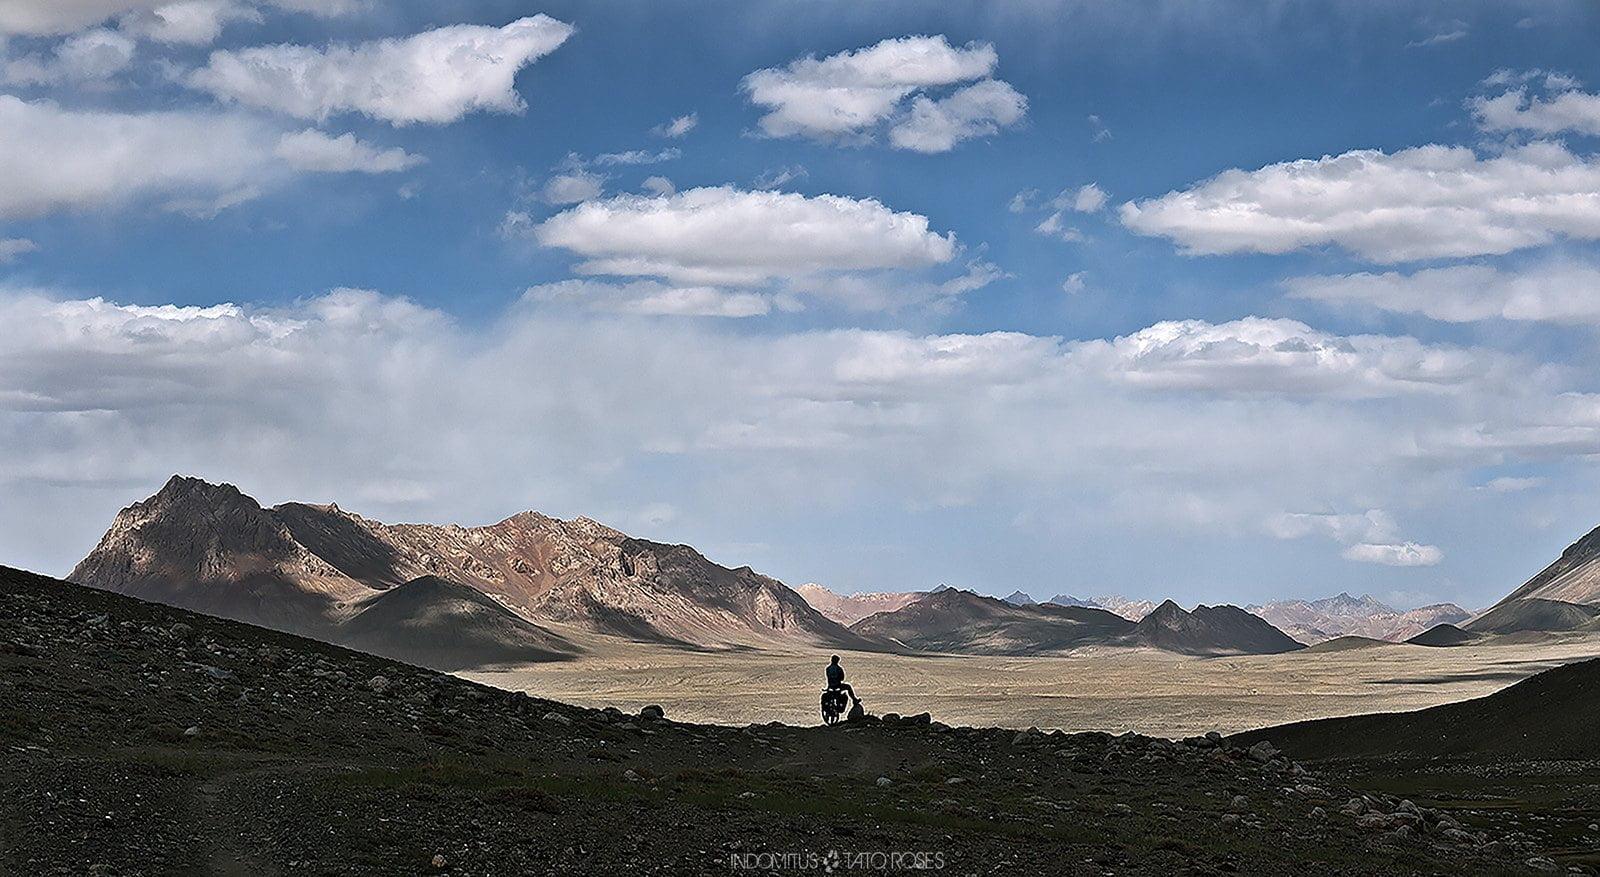 Tayikistán  Indomitus Tato Rosés 22